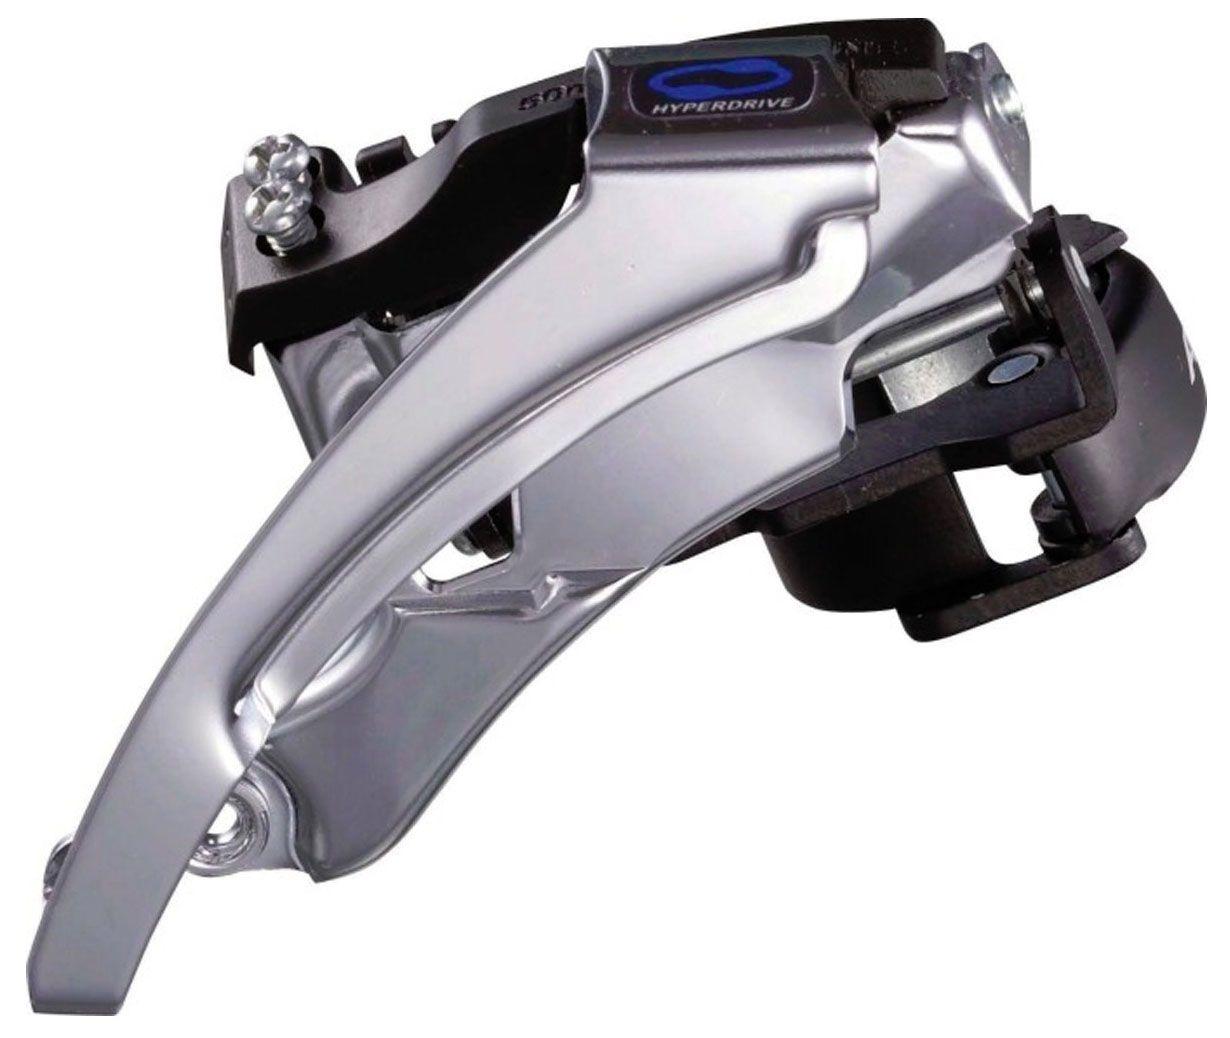 Запчасть Shimano Altus M310 (EFDM310X3) переключатель задний shimano altus m310 7 8 скоростей цвет черный